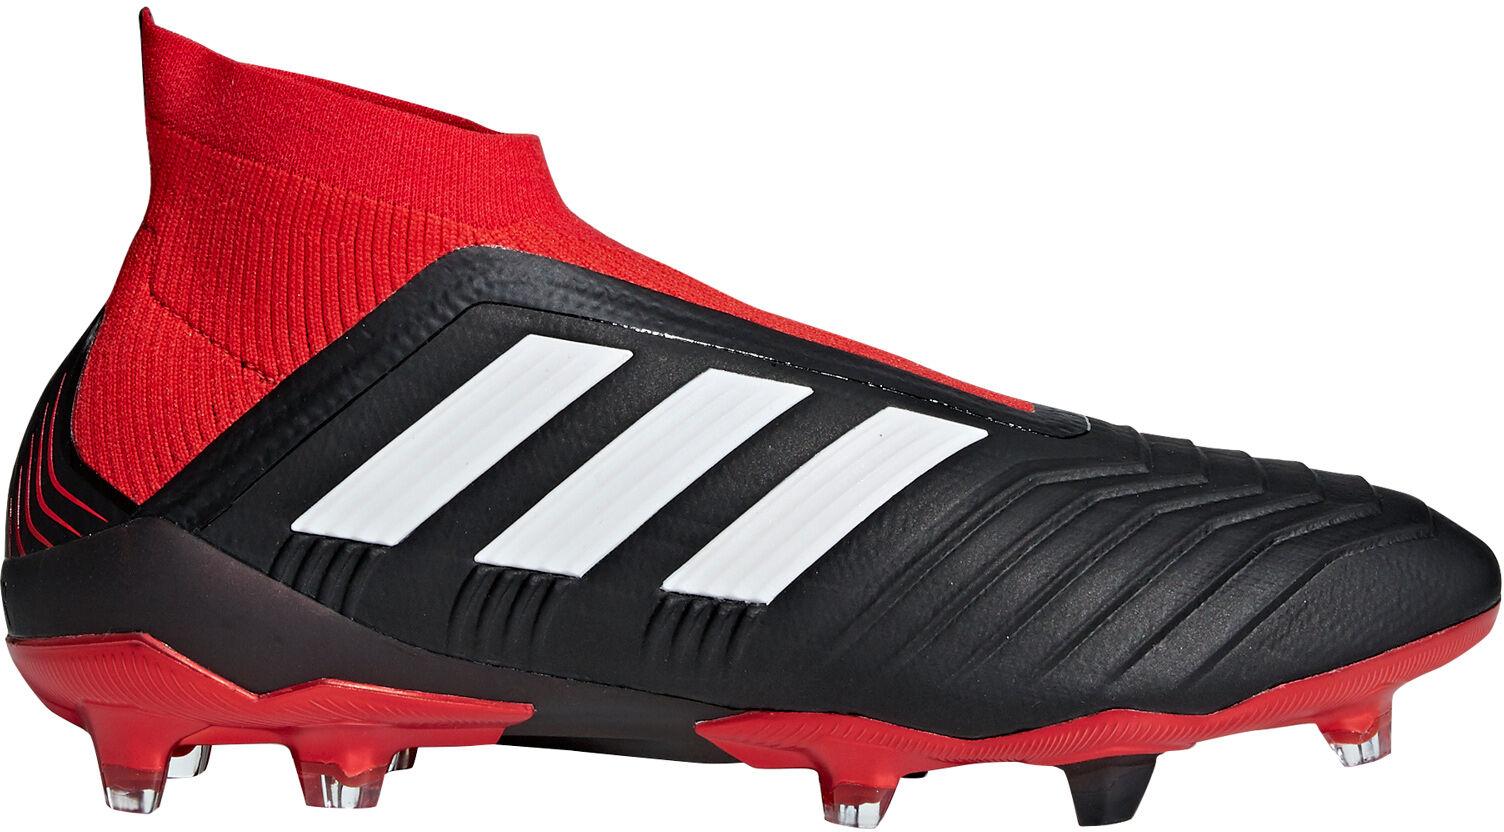 Fodboldstøvler   Herre   Køb de nyeste fodboldstøvler